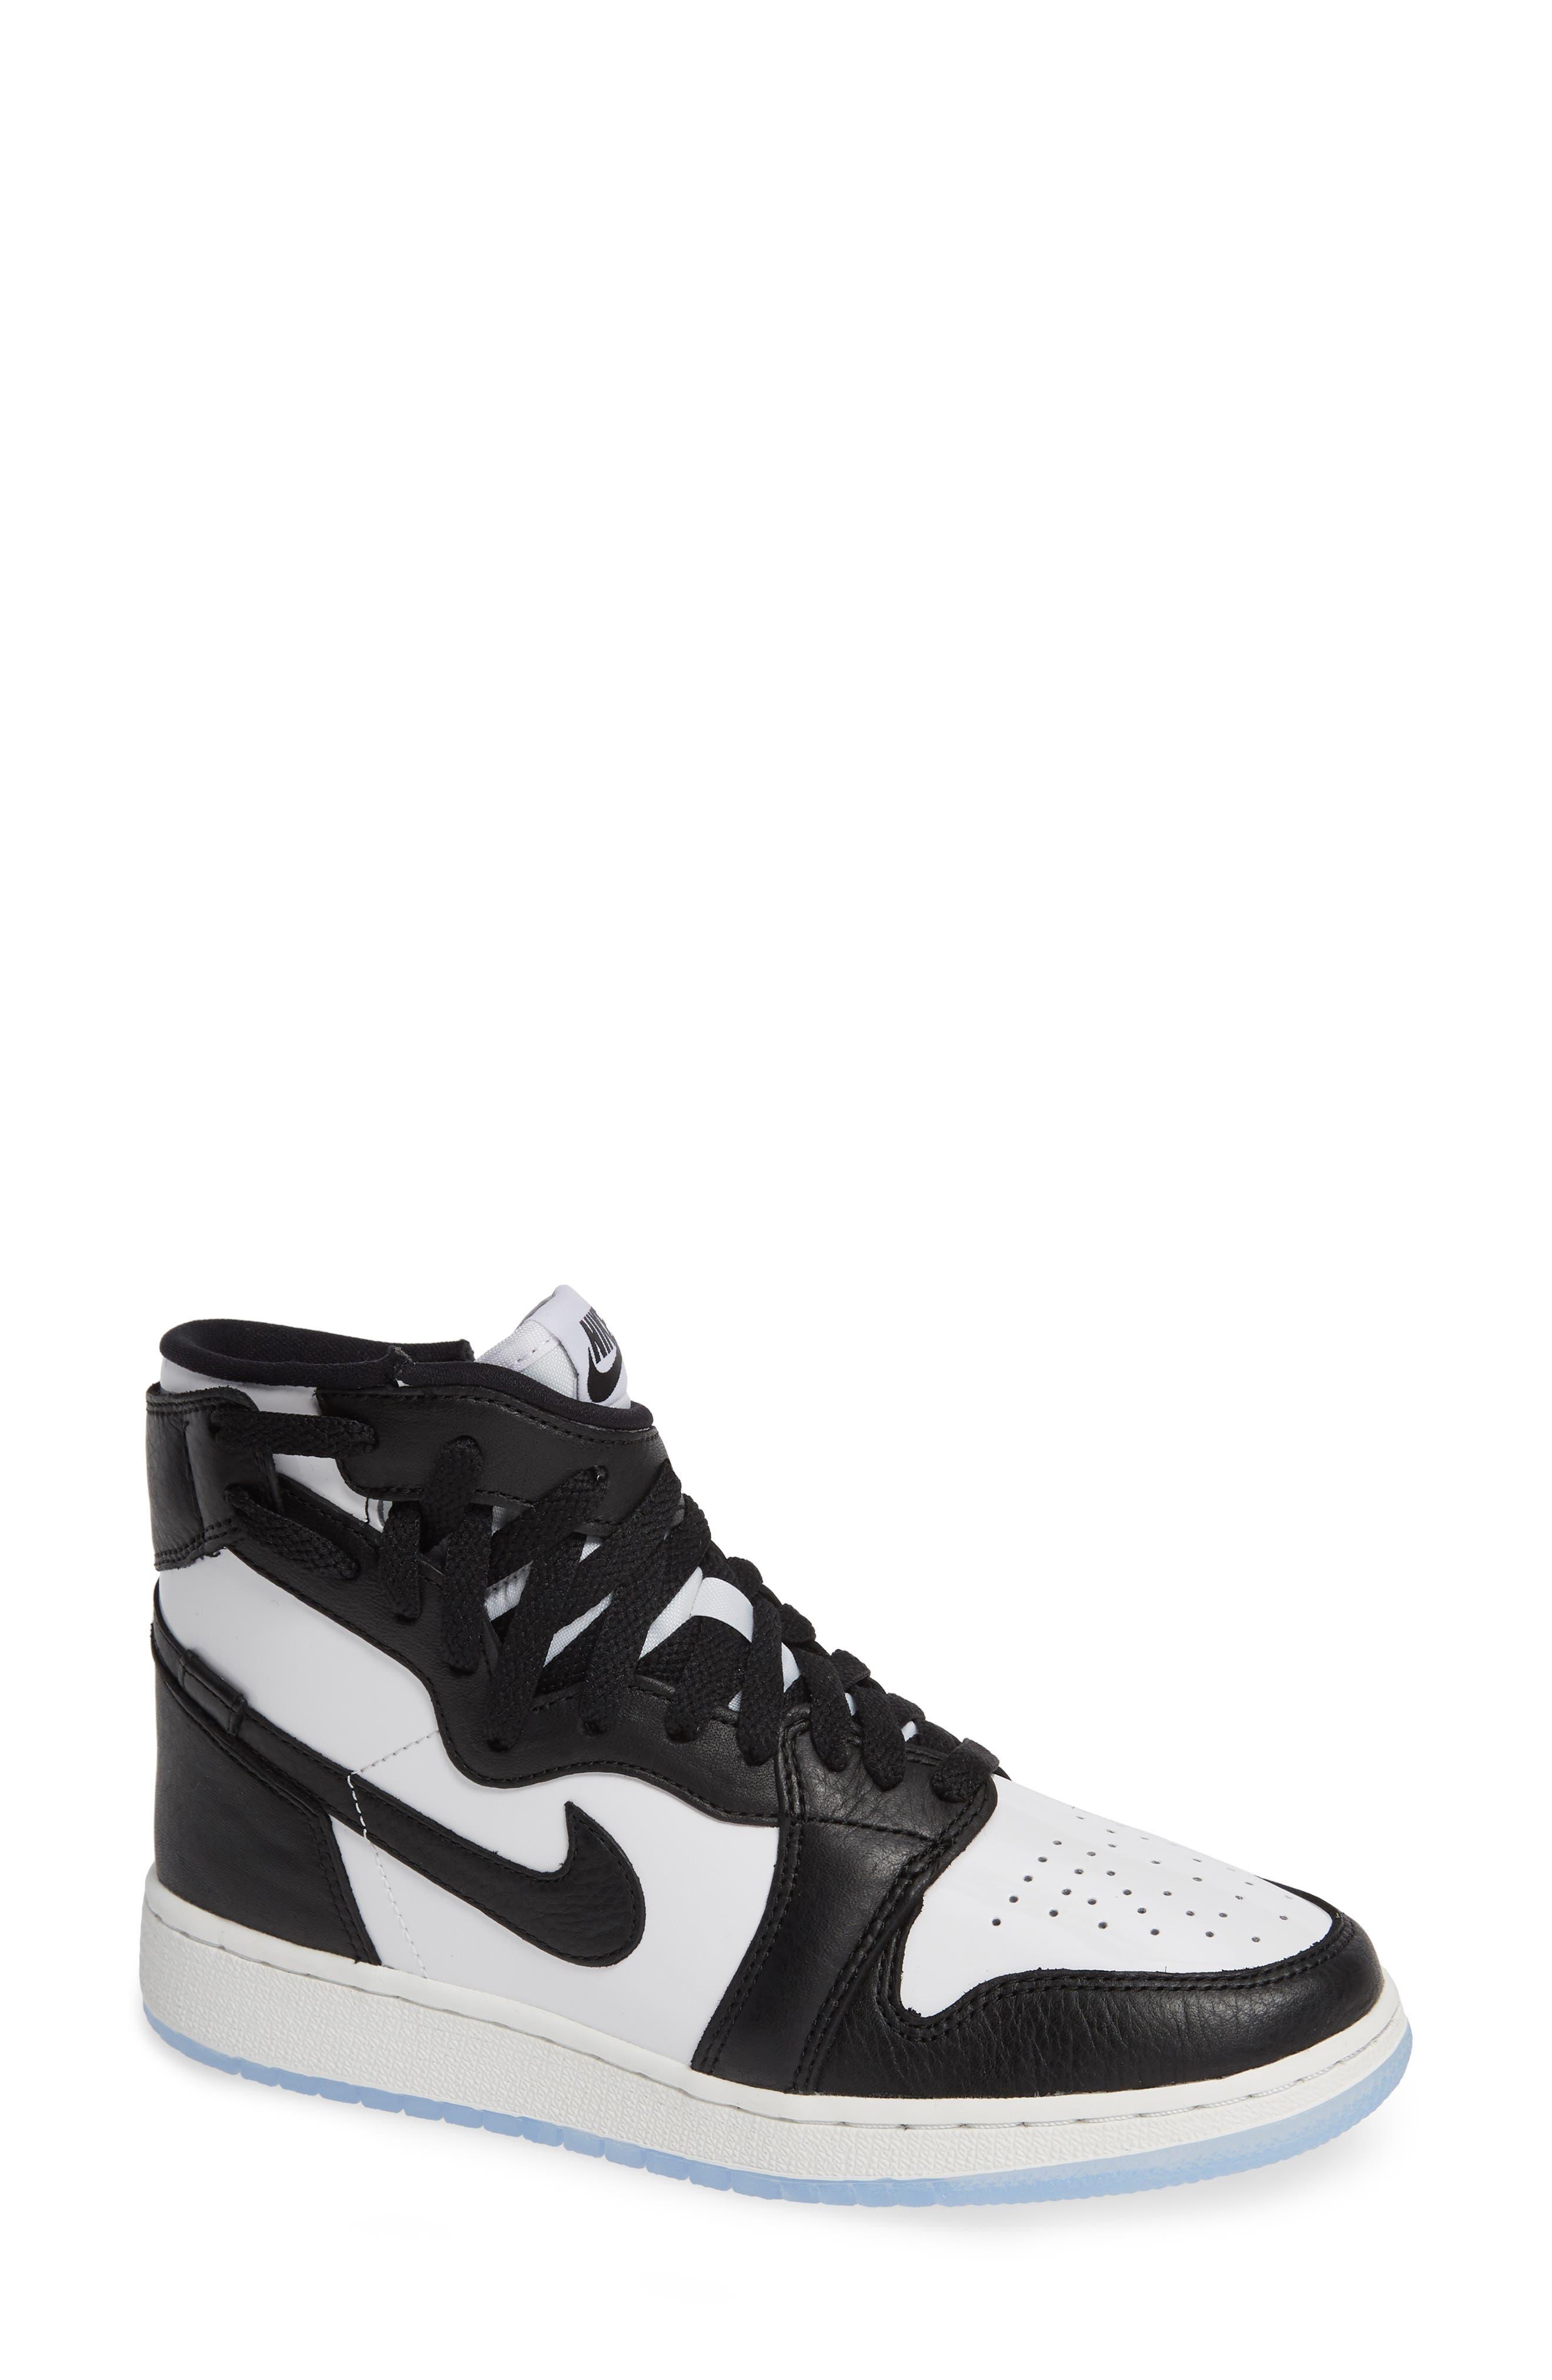 NIKE Air Jordan 1 Rebel XX High Top Sneaker, Main, color, BLACK/ BLACK